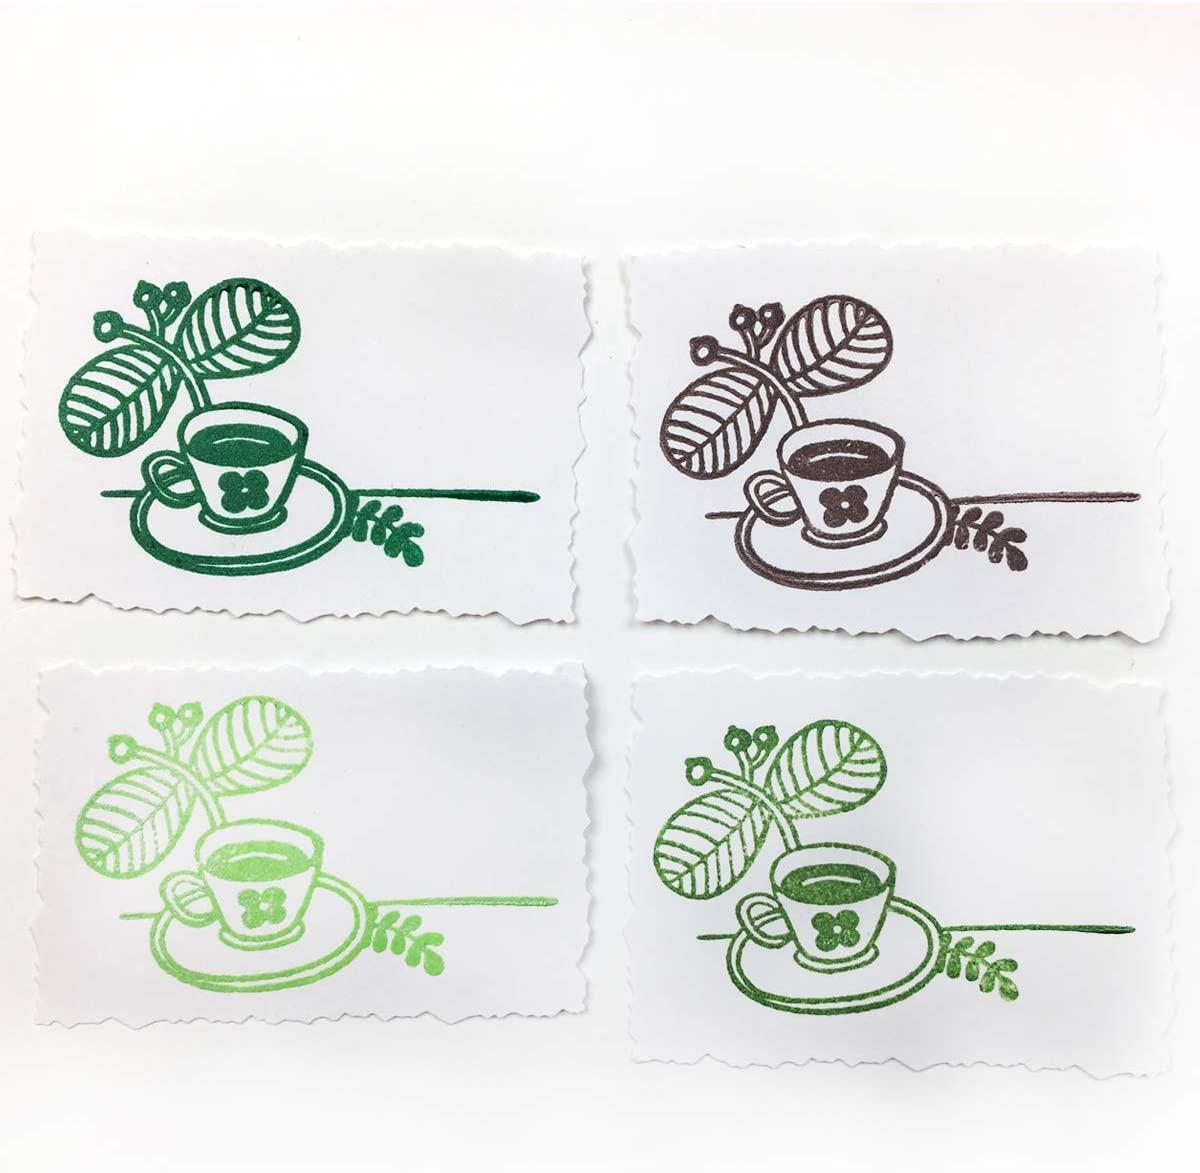 Carimbeira Brilliance Tsukineko Dew Drop - Kit com 4 unidades - Casa na Árvore - Tons de Verde e Marrom